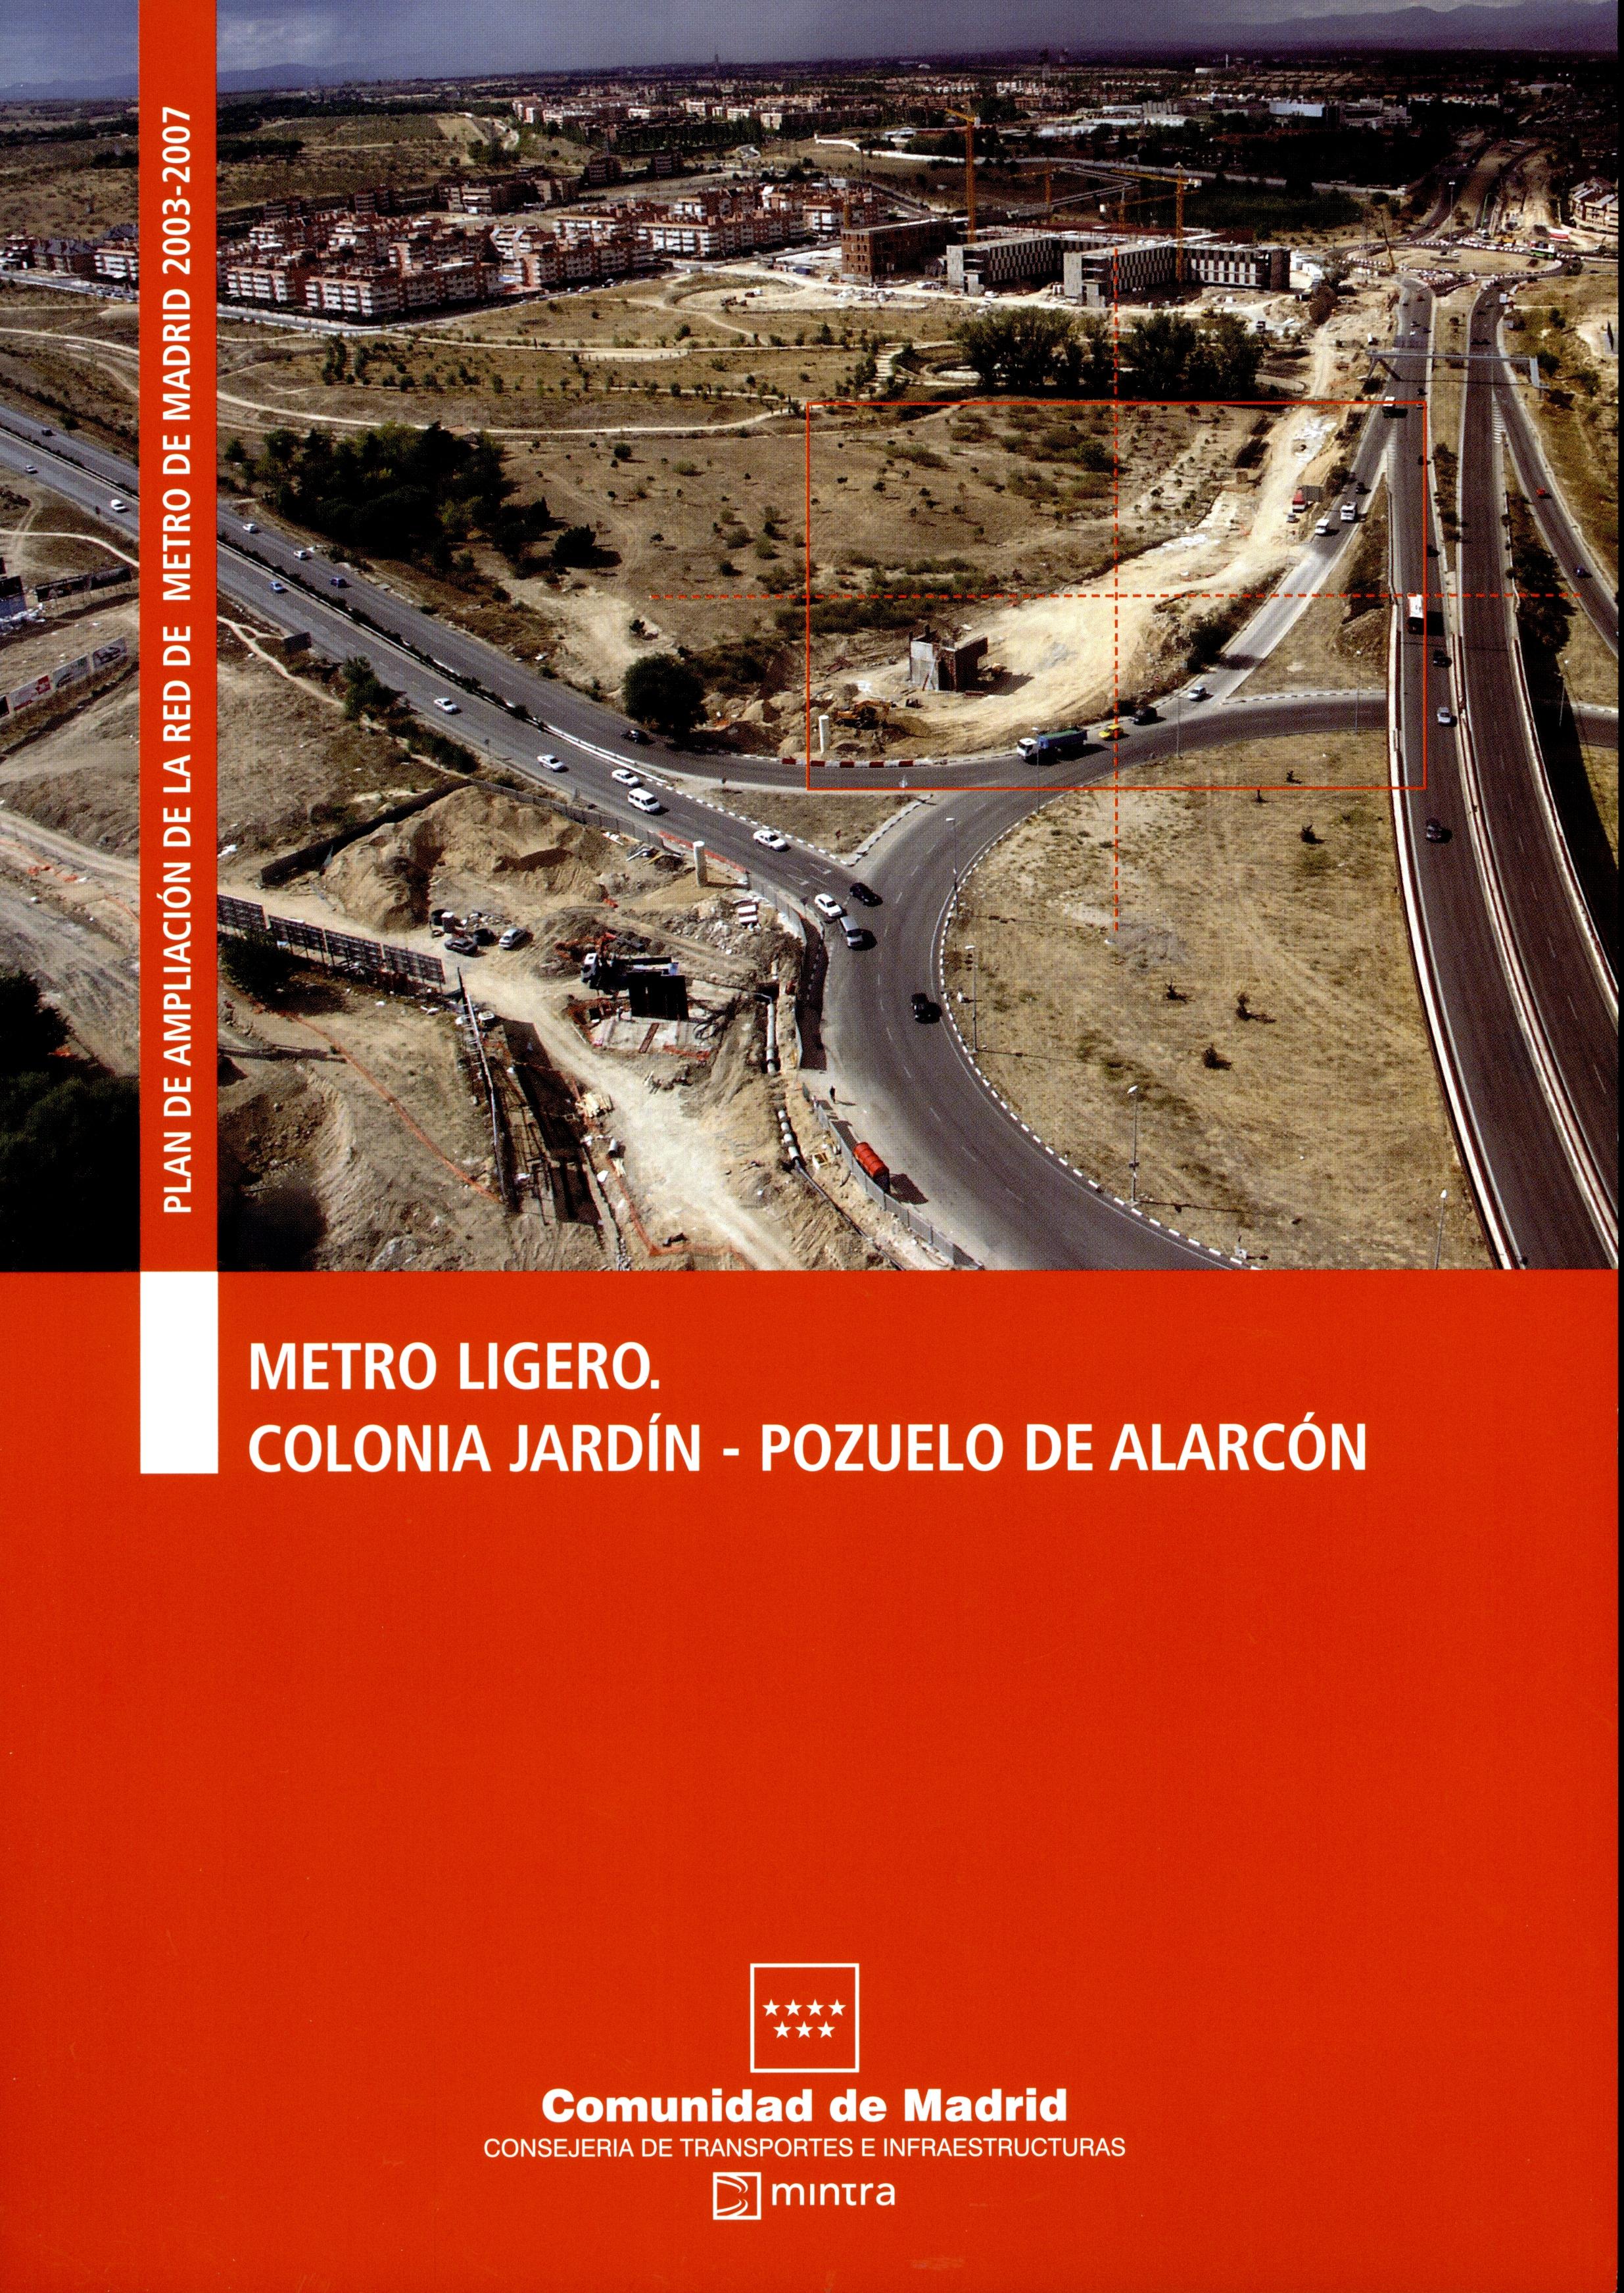 La ampliaci n del metro de madrid comunidad de madrid for Metro ligero colonia jardin